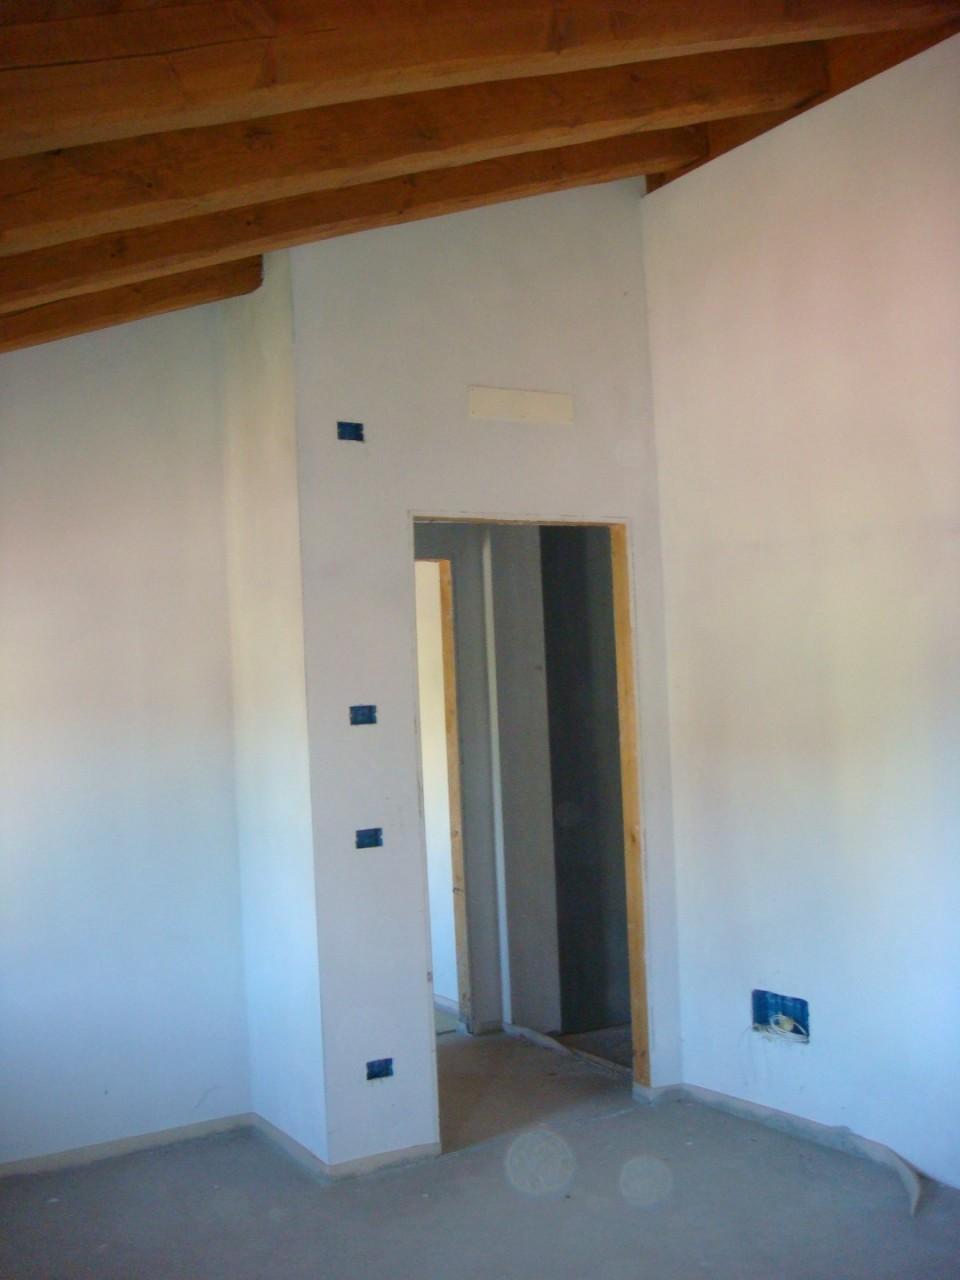 C479 Splendida Bifamiliare in vendita a Tramonte vicinanze Abano Terme https://media.gestionaleimmobiliare.it/foto/annunci/190914/2069919/1280x1280/014__63_p1__large.jpg